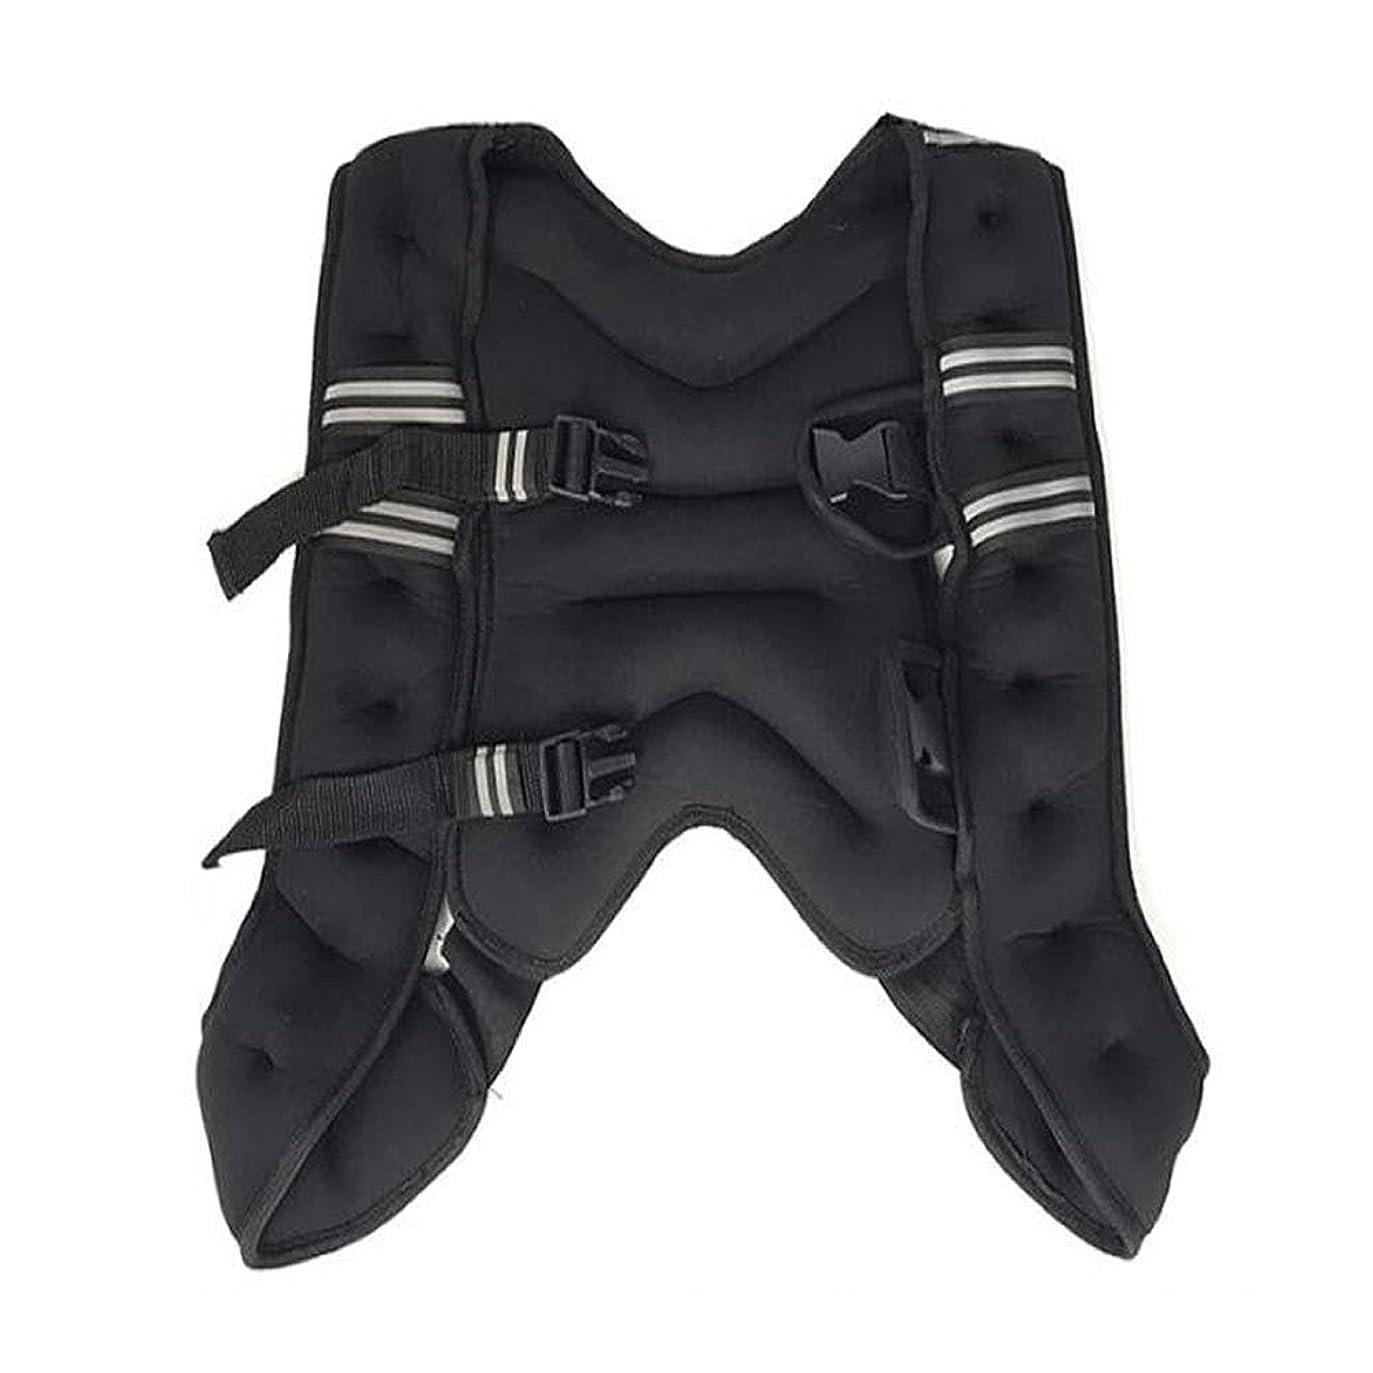 挑むクリーム黒くするJIASHUOフィットネス 重り 負荷 ジャケット パワージャケット ウェイトベスト 10kg 筋トレ ウエイト トレーニング de079